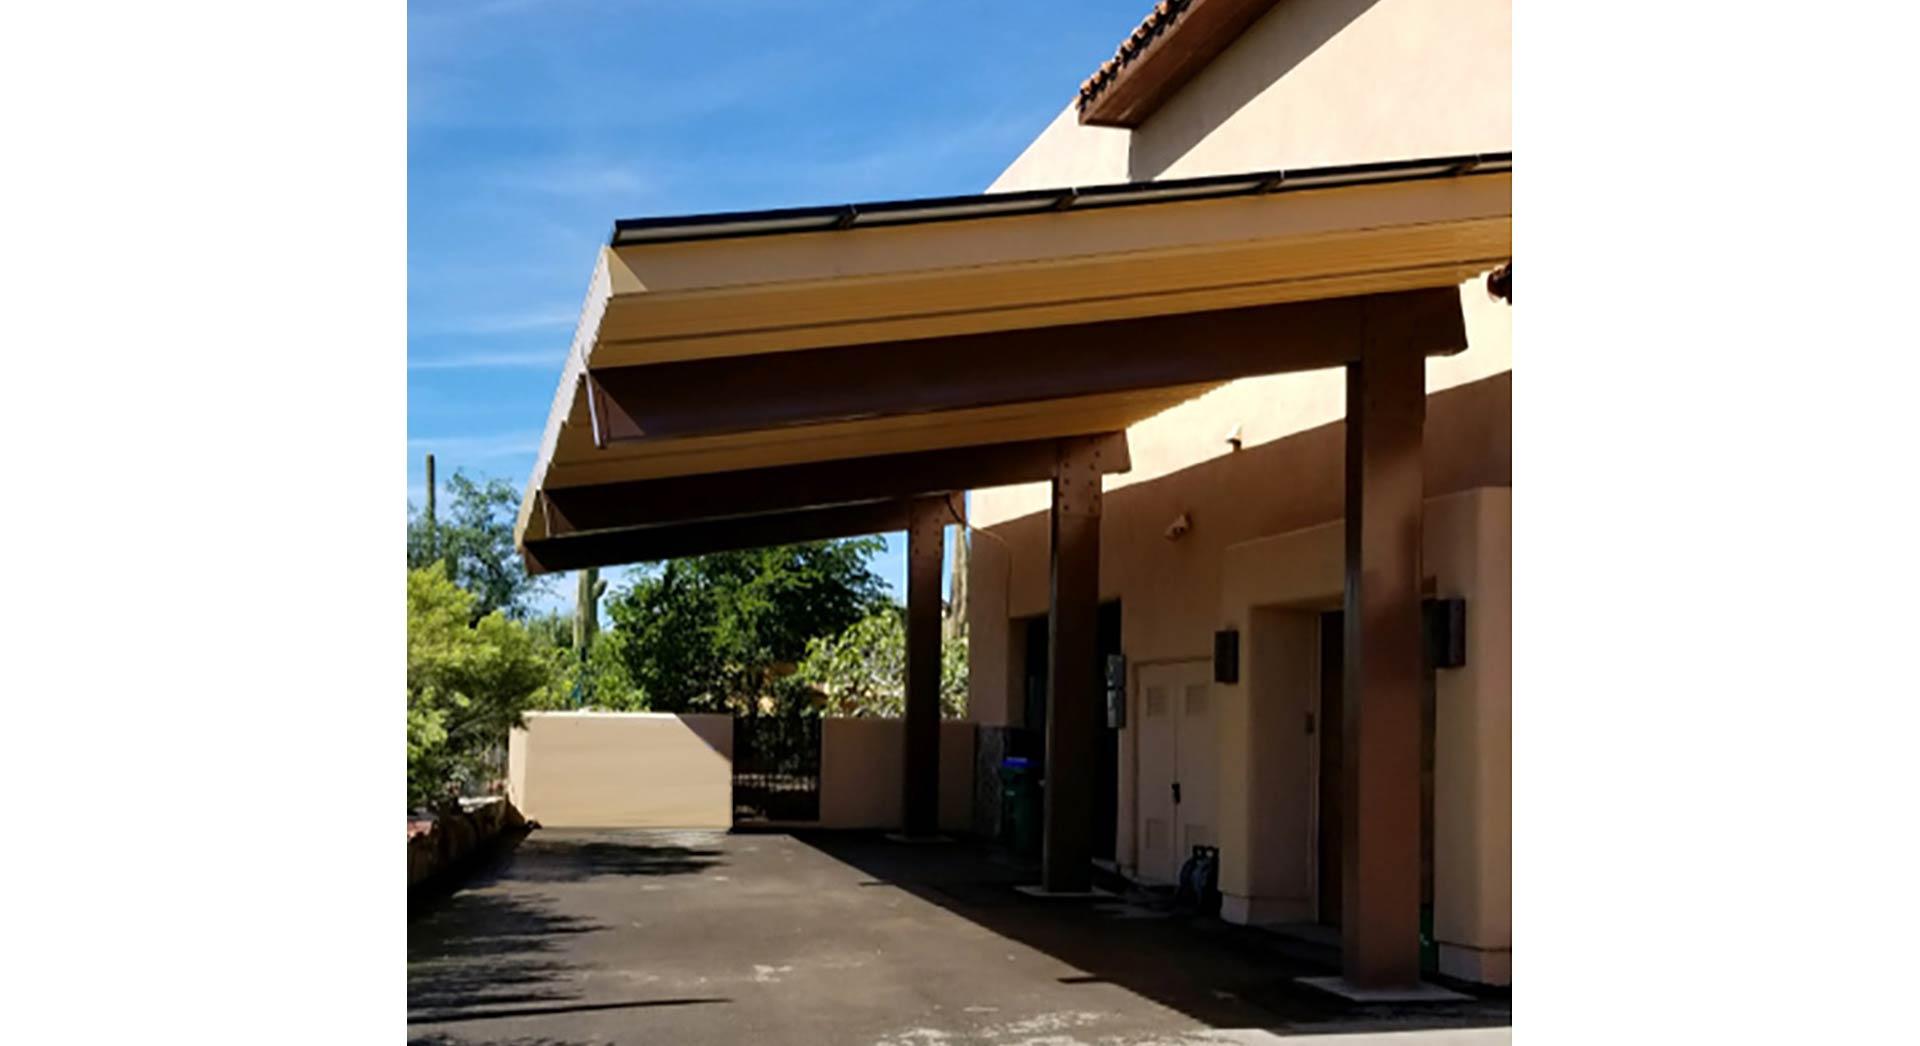 Solar Carport Frames Image Gallery For Solar Parking Lot Frame Structures